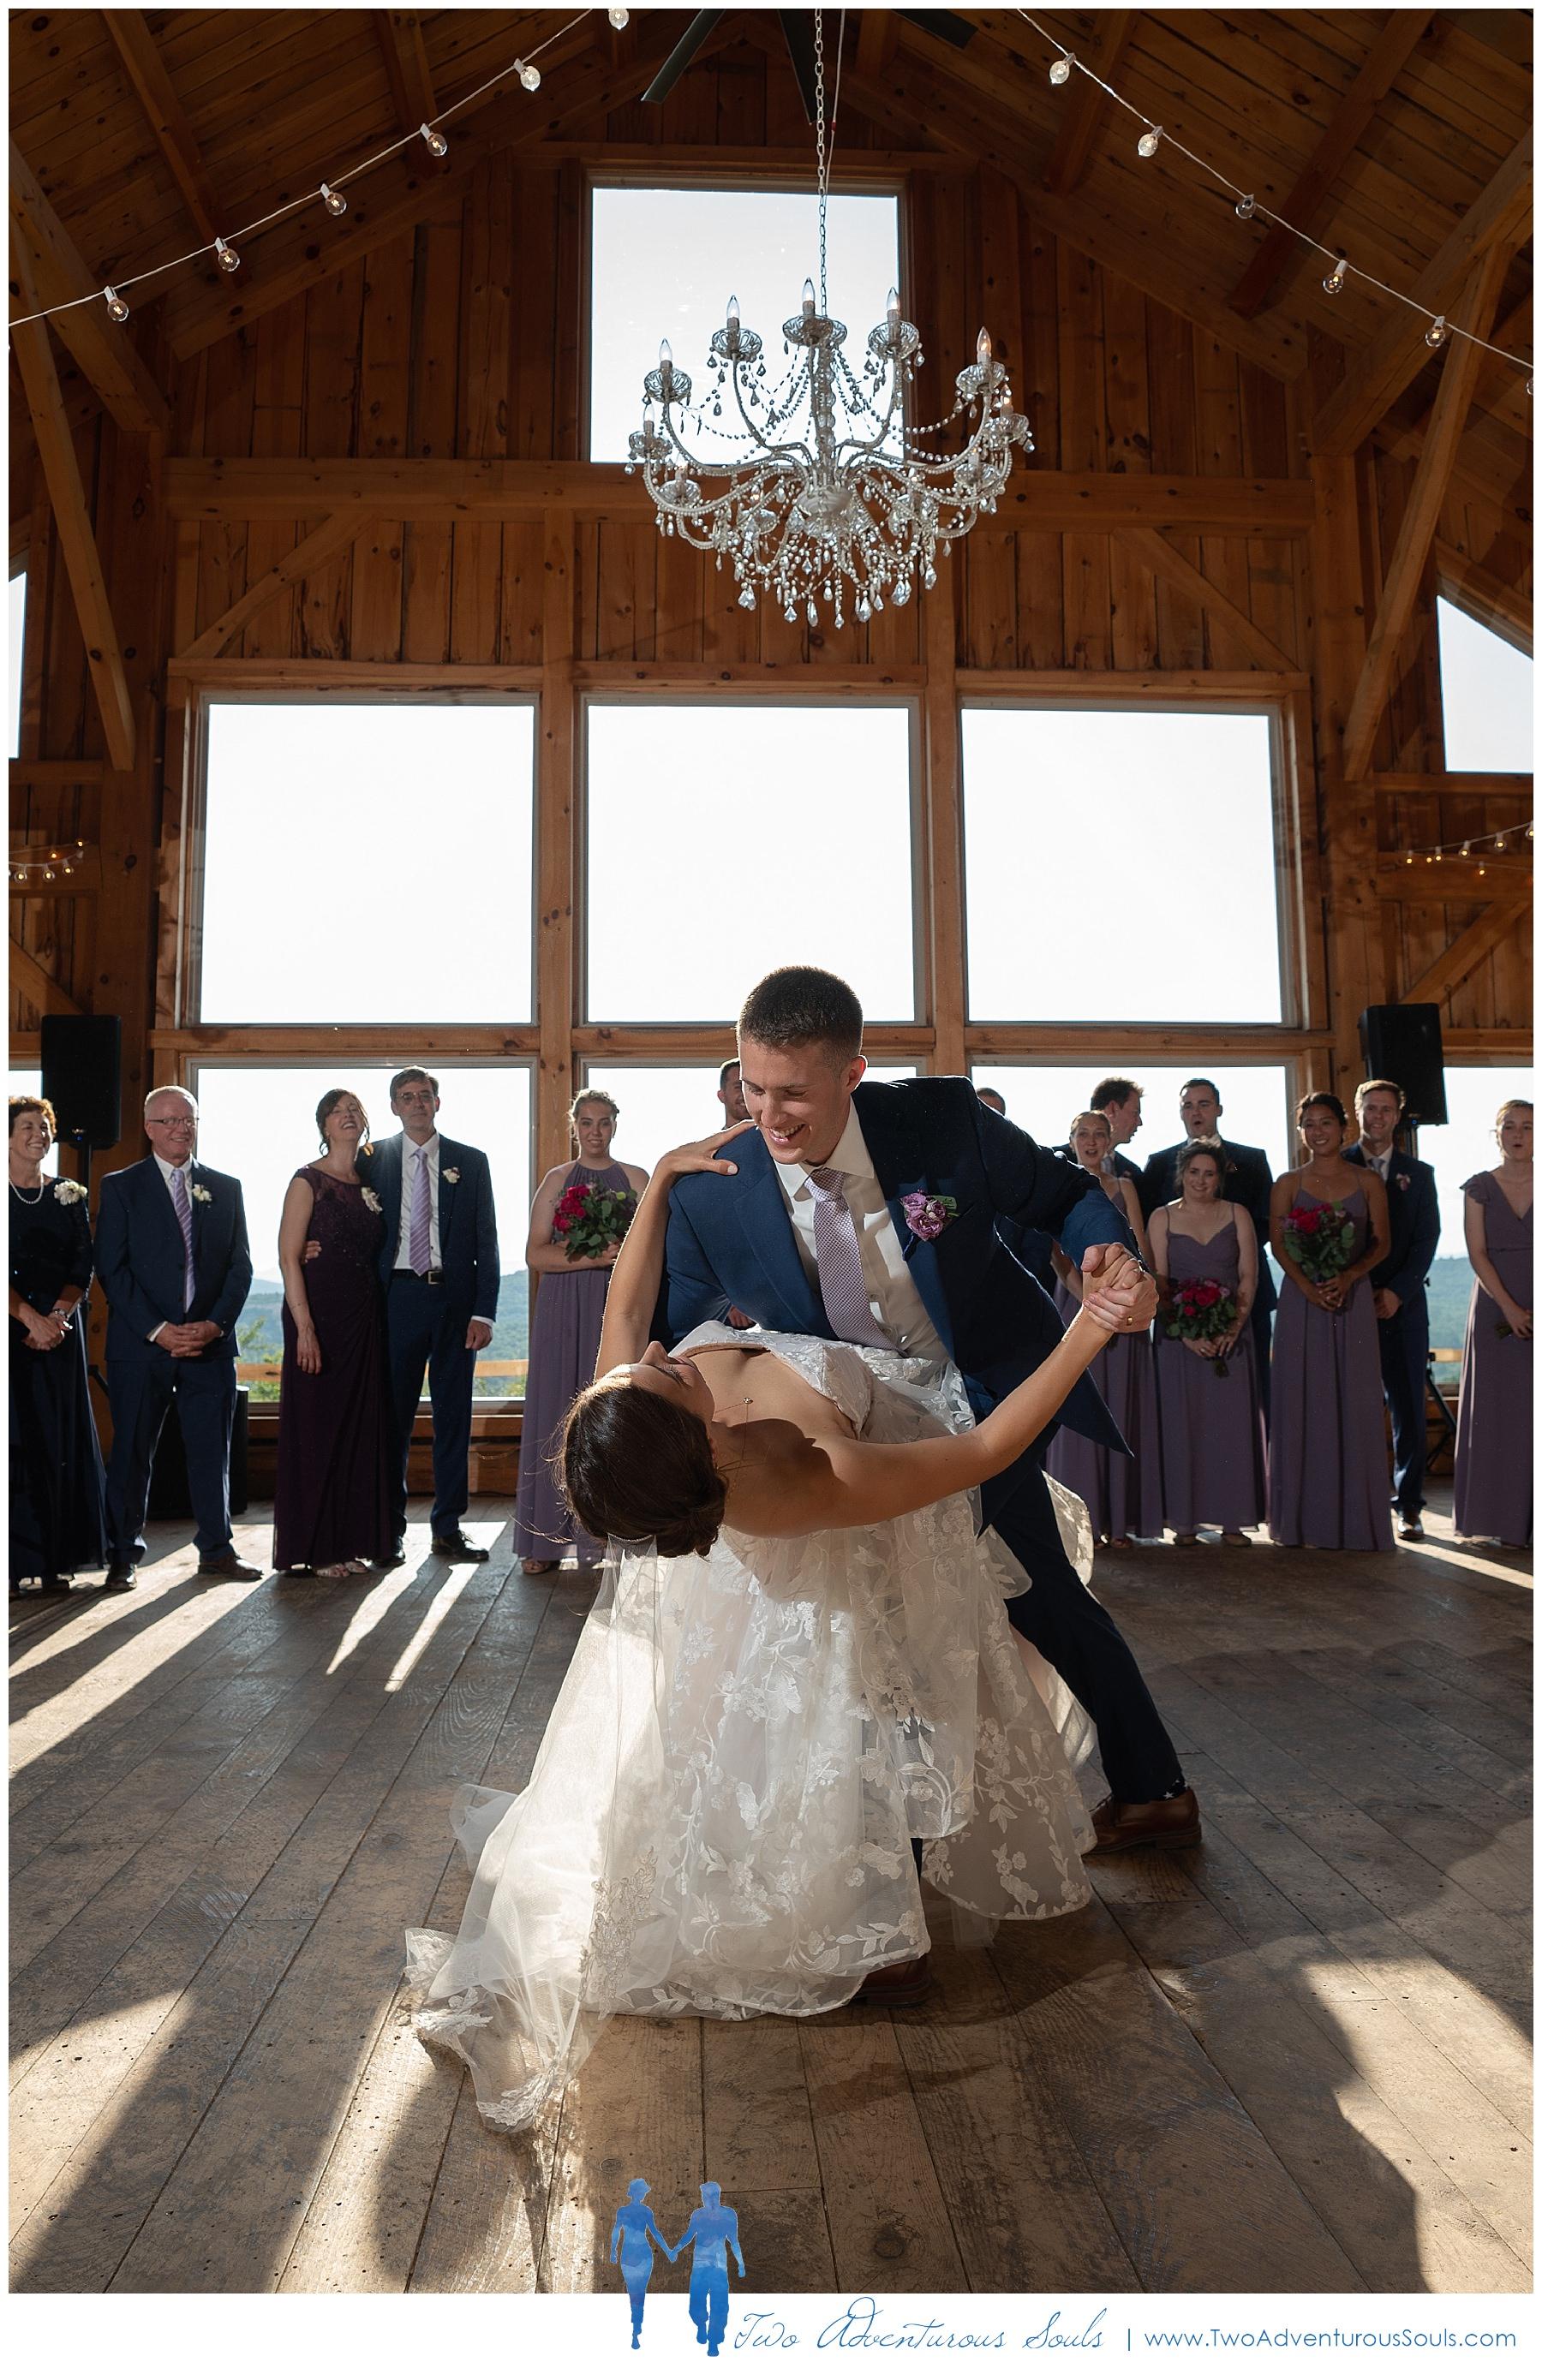 Maine Wedding Photographers, Granite Ridge Estate Wedding Photographers, Two Adventurous Souls - 080319_0062.jpg